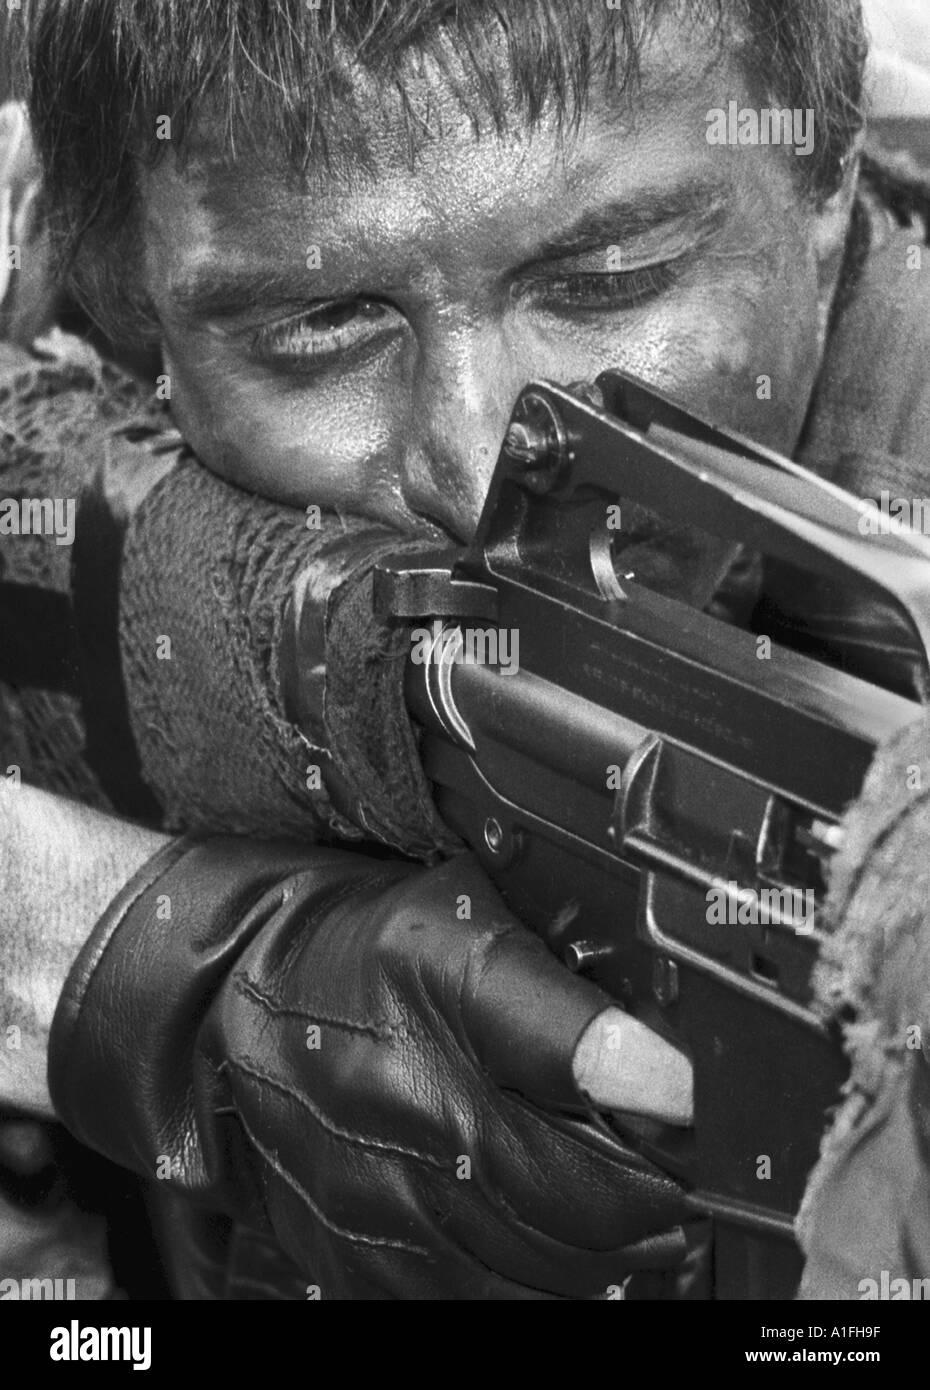 Hombre en traje de Fuerzas Especiales del Ejército estadounidense en  Vietnam 1e976125059